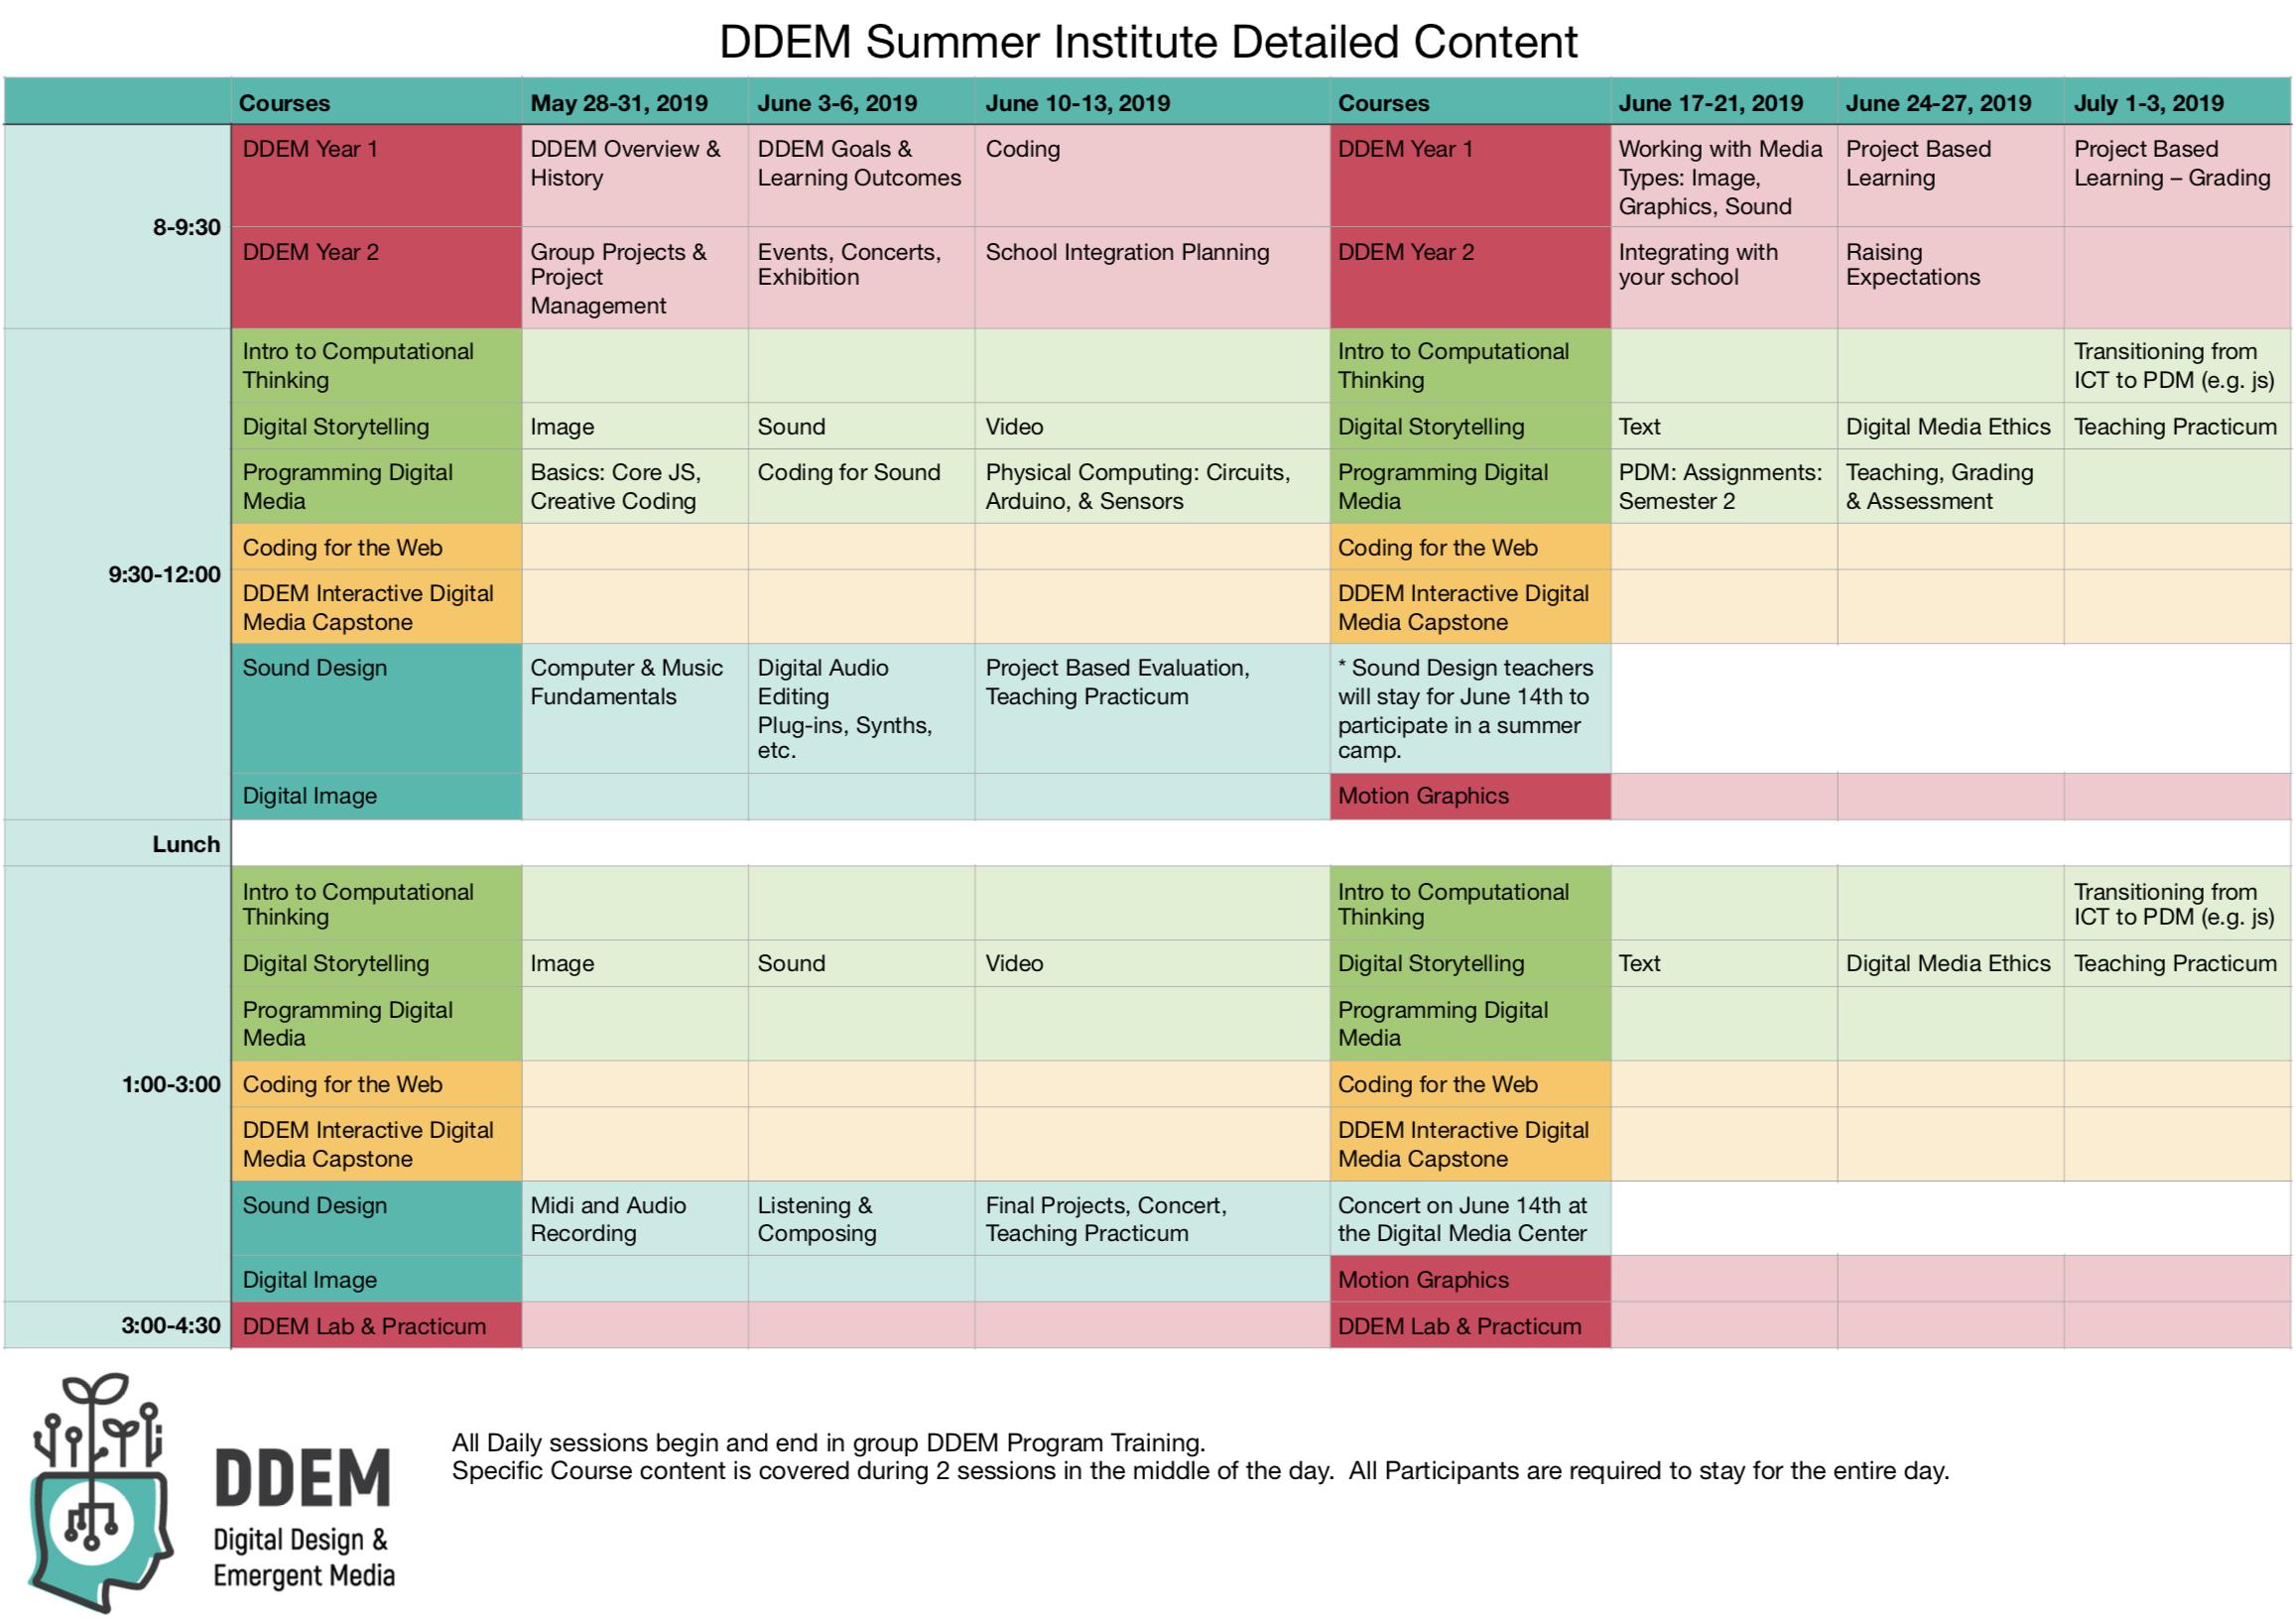 DDEM 2019 Summer Institute Schedule Detail